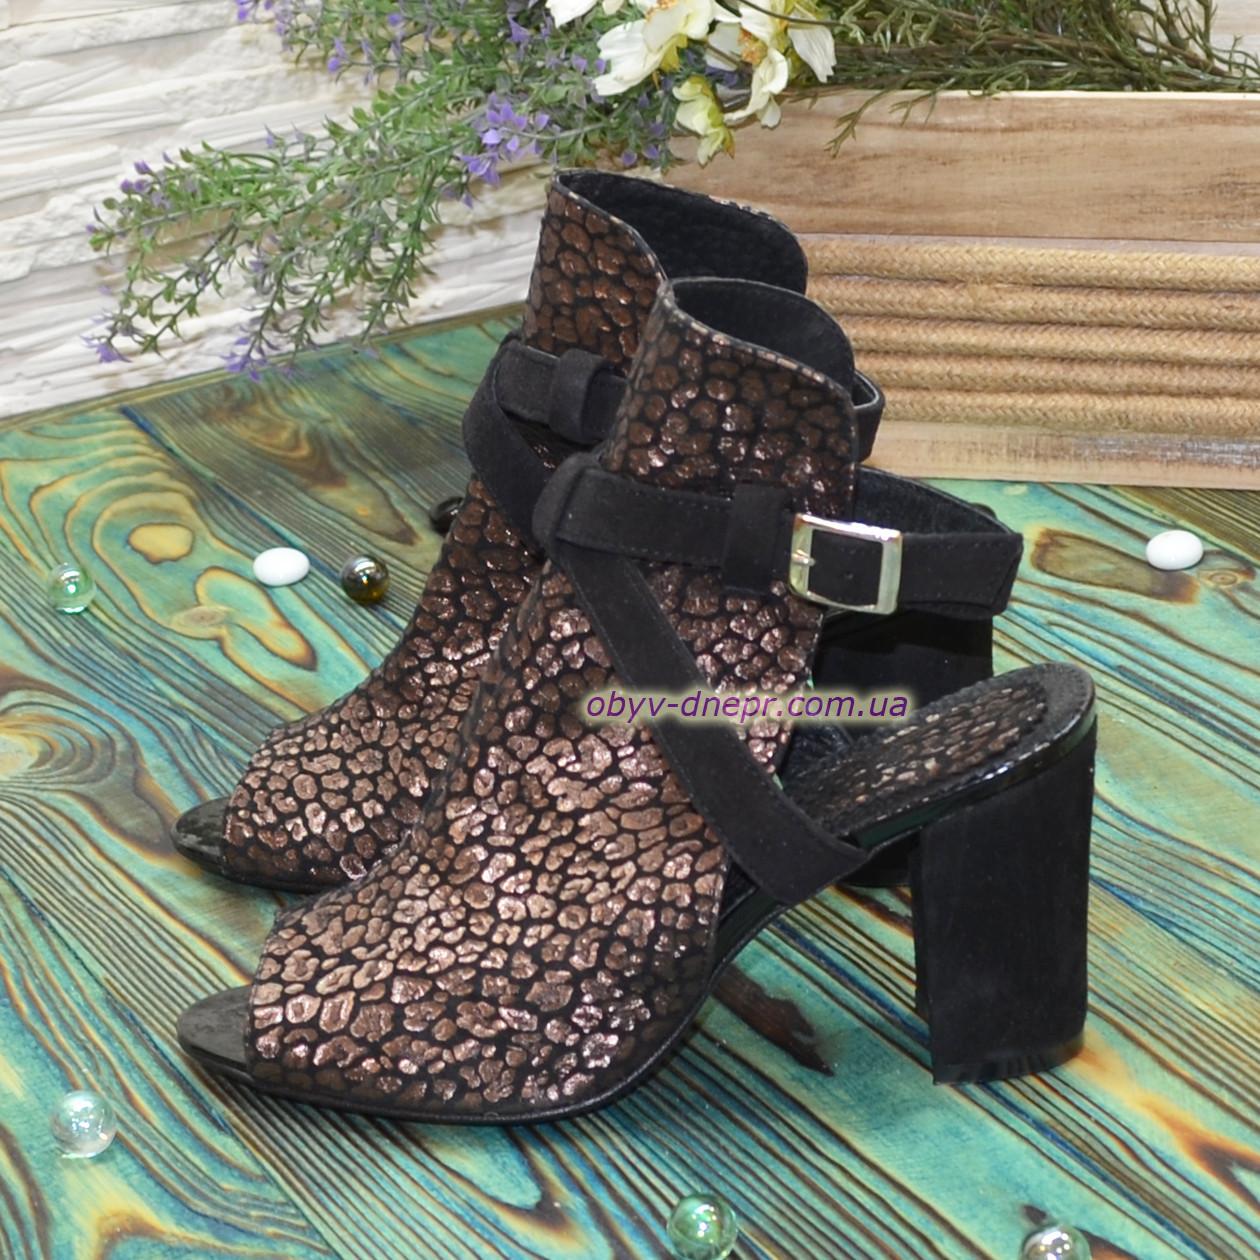 Женские босоножки на высоком устойчивом каблуке, цвет бордо/черный. 37 размер